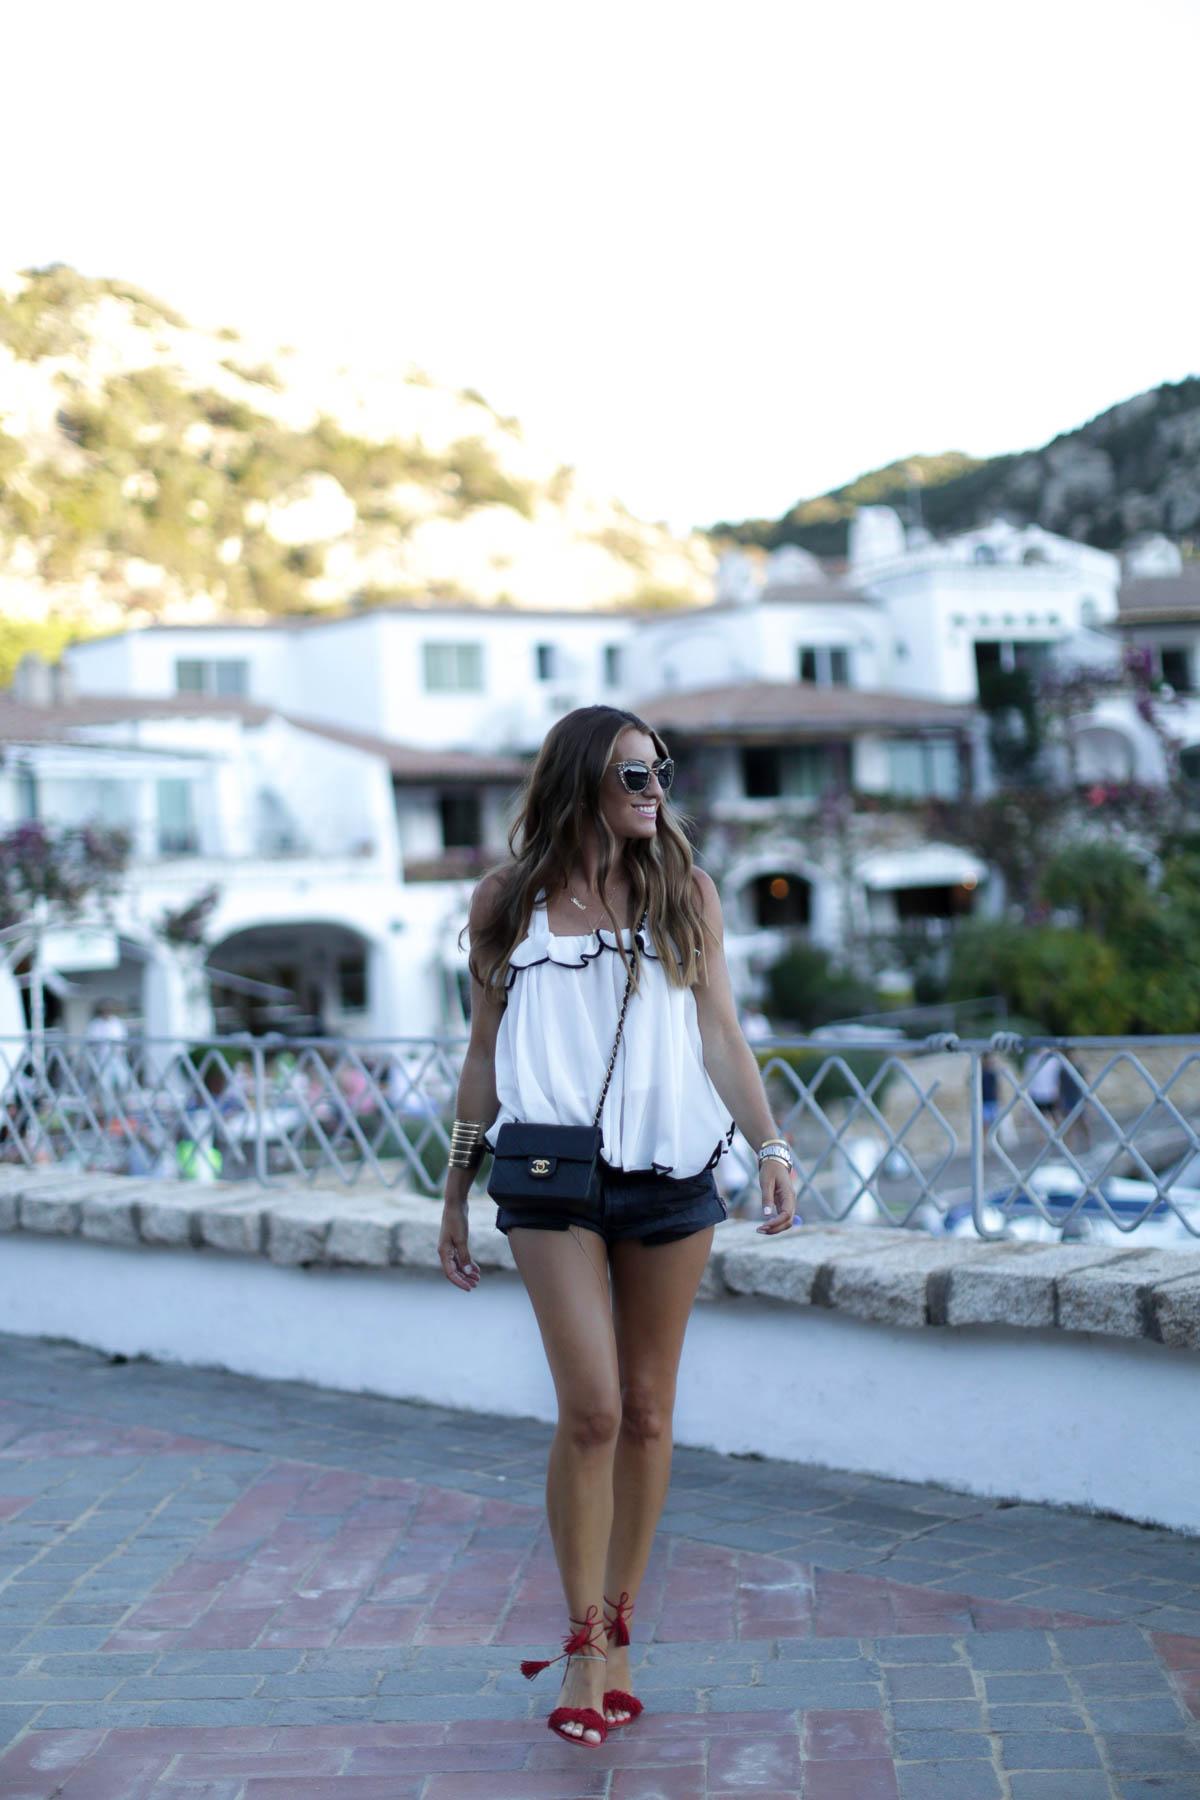 bartabac blob moda fashion chanel aquazzura sandals oneteaspoon bag bolso-12